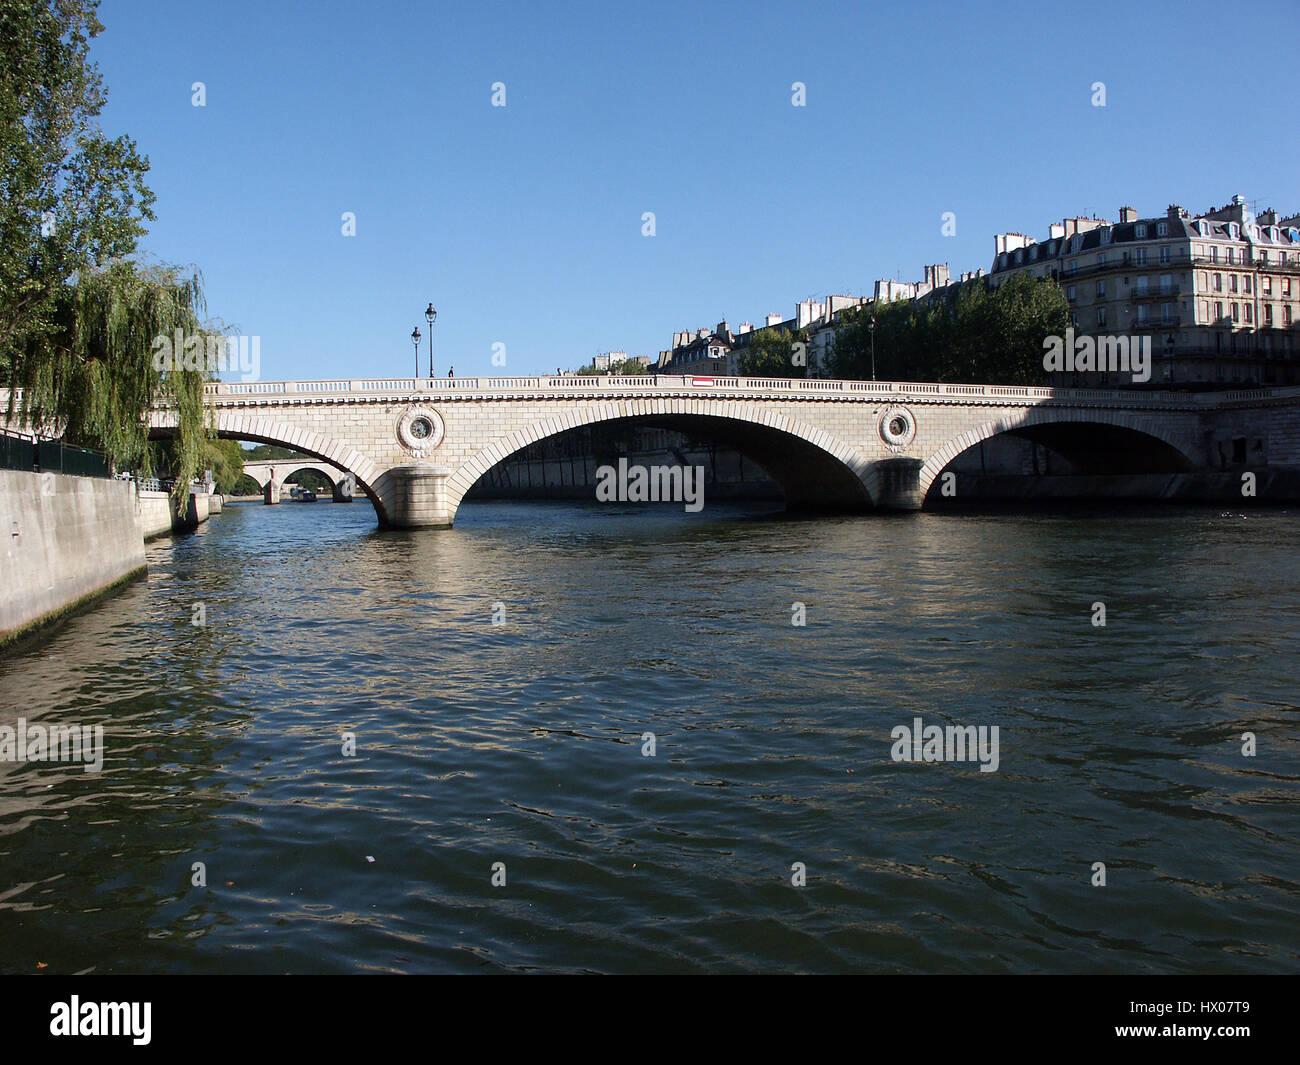 Pont Louis Philippe bridge in Paris - Stock Image